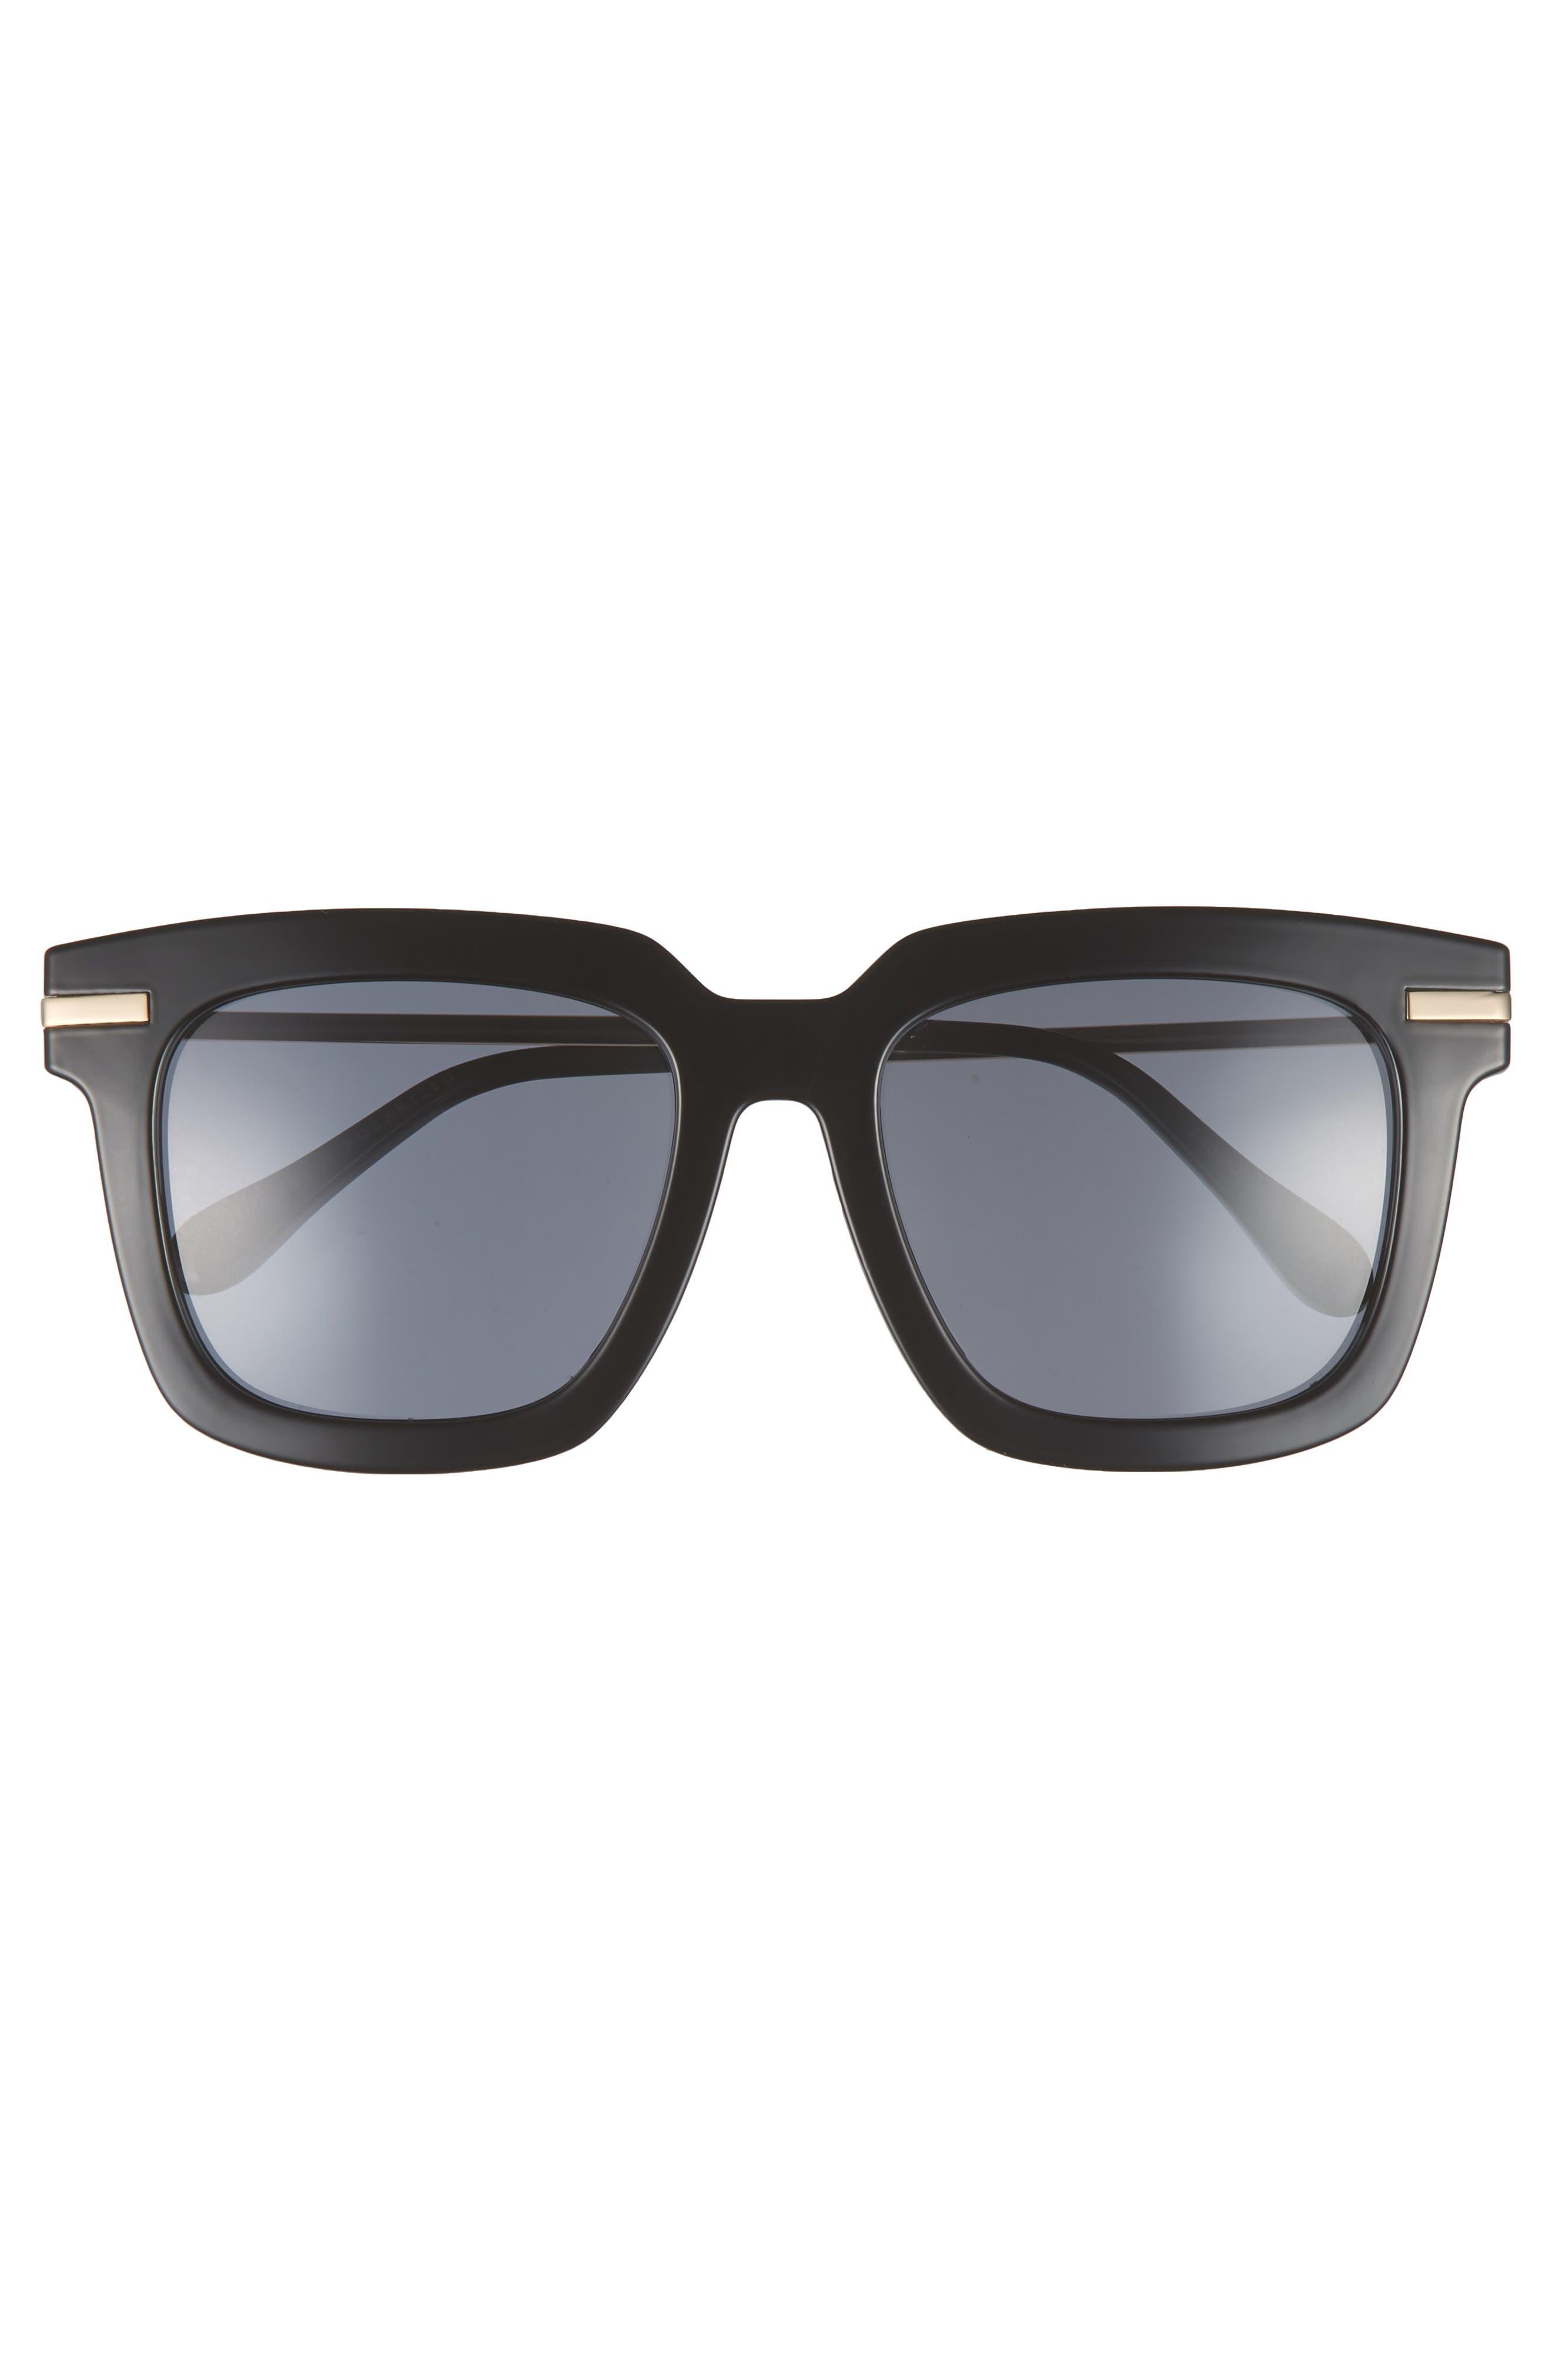 Laguna 51mm Polarized Sunglasses,                             Alternate thumbnail 3, color,                             Black